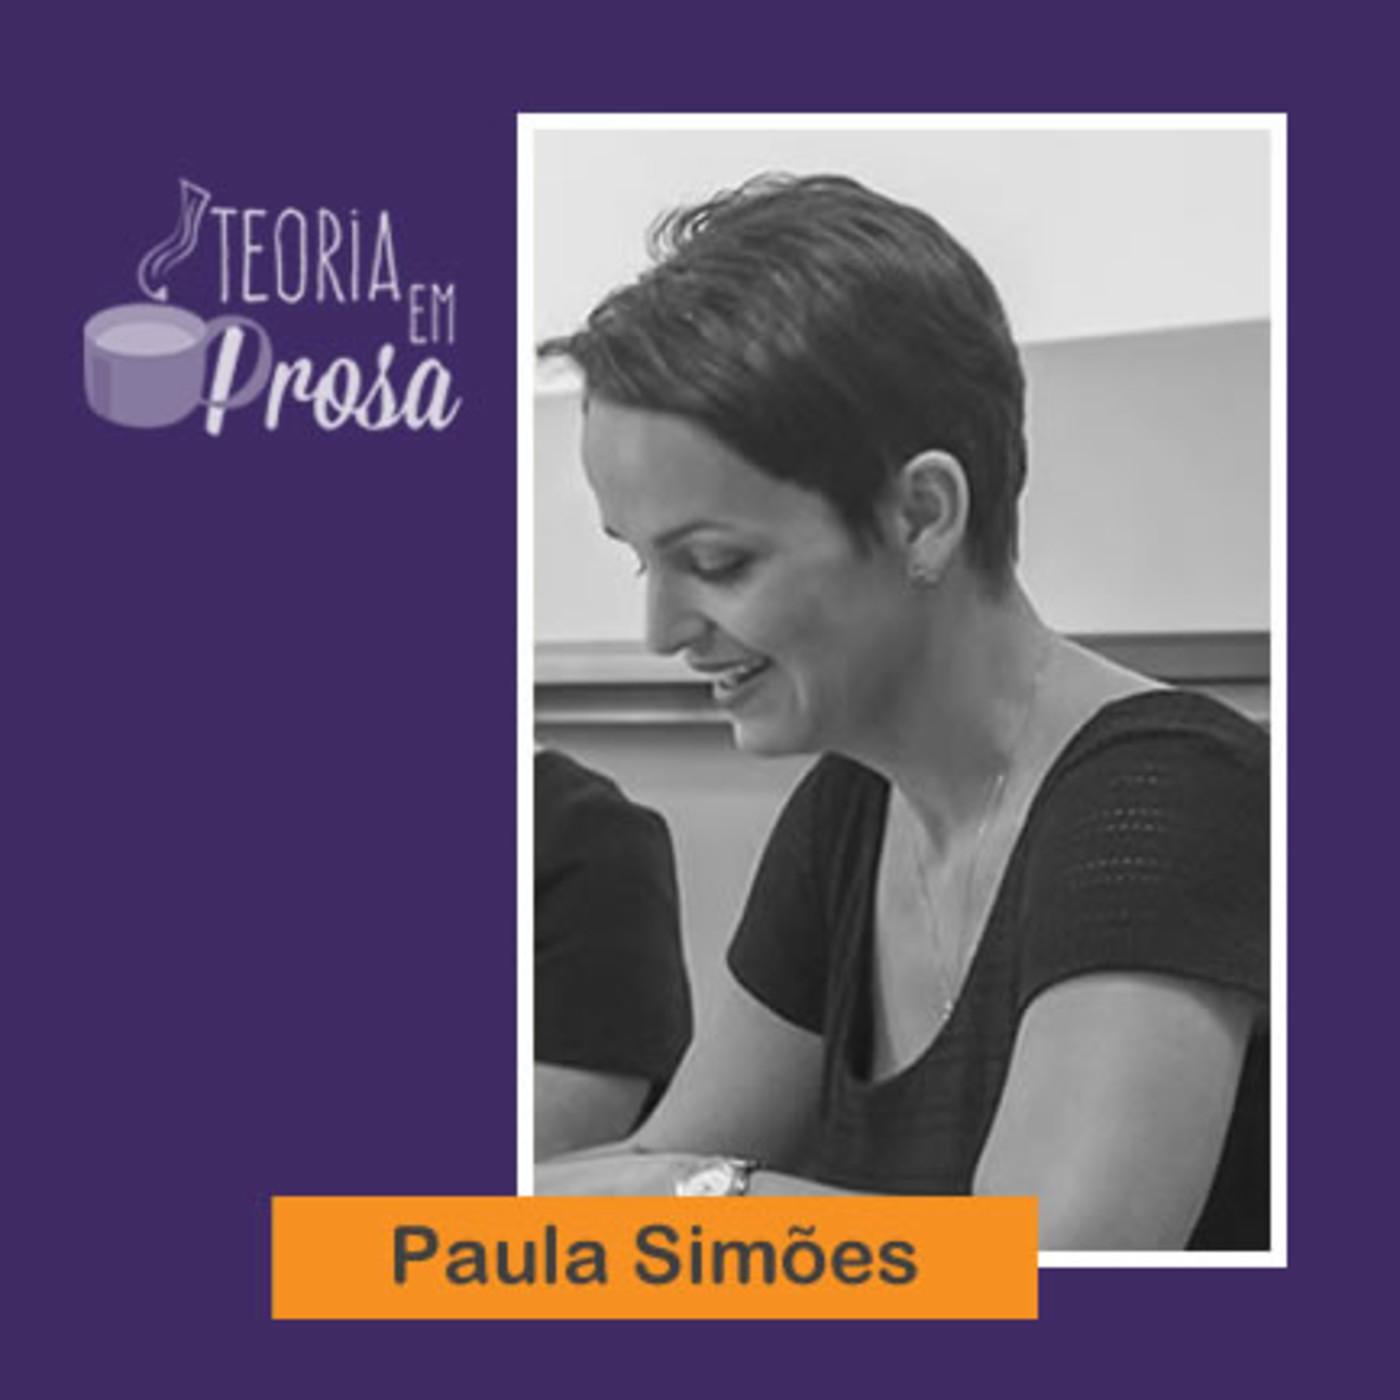 #03 Teoria em Prosa - Paula Simões